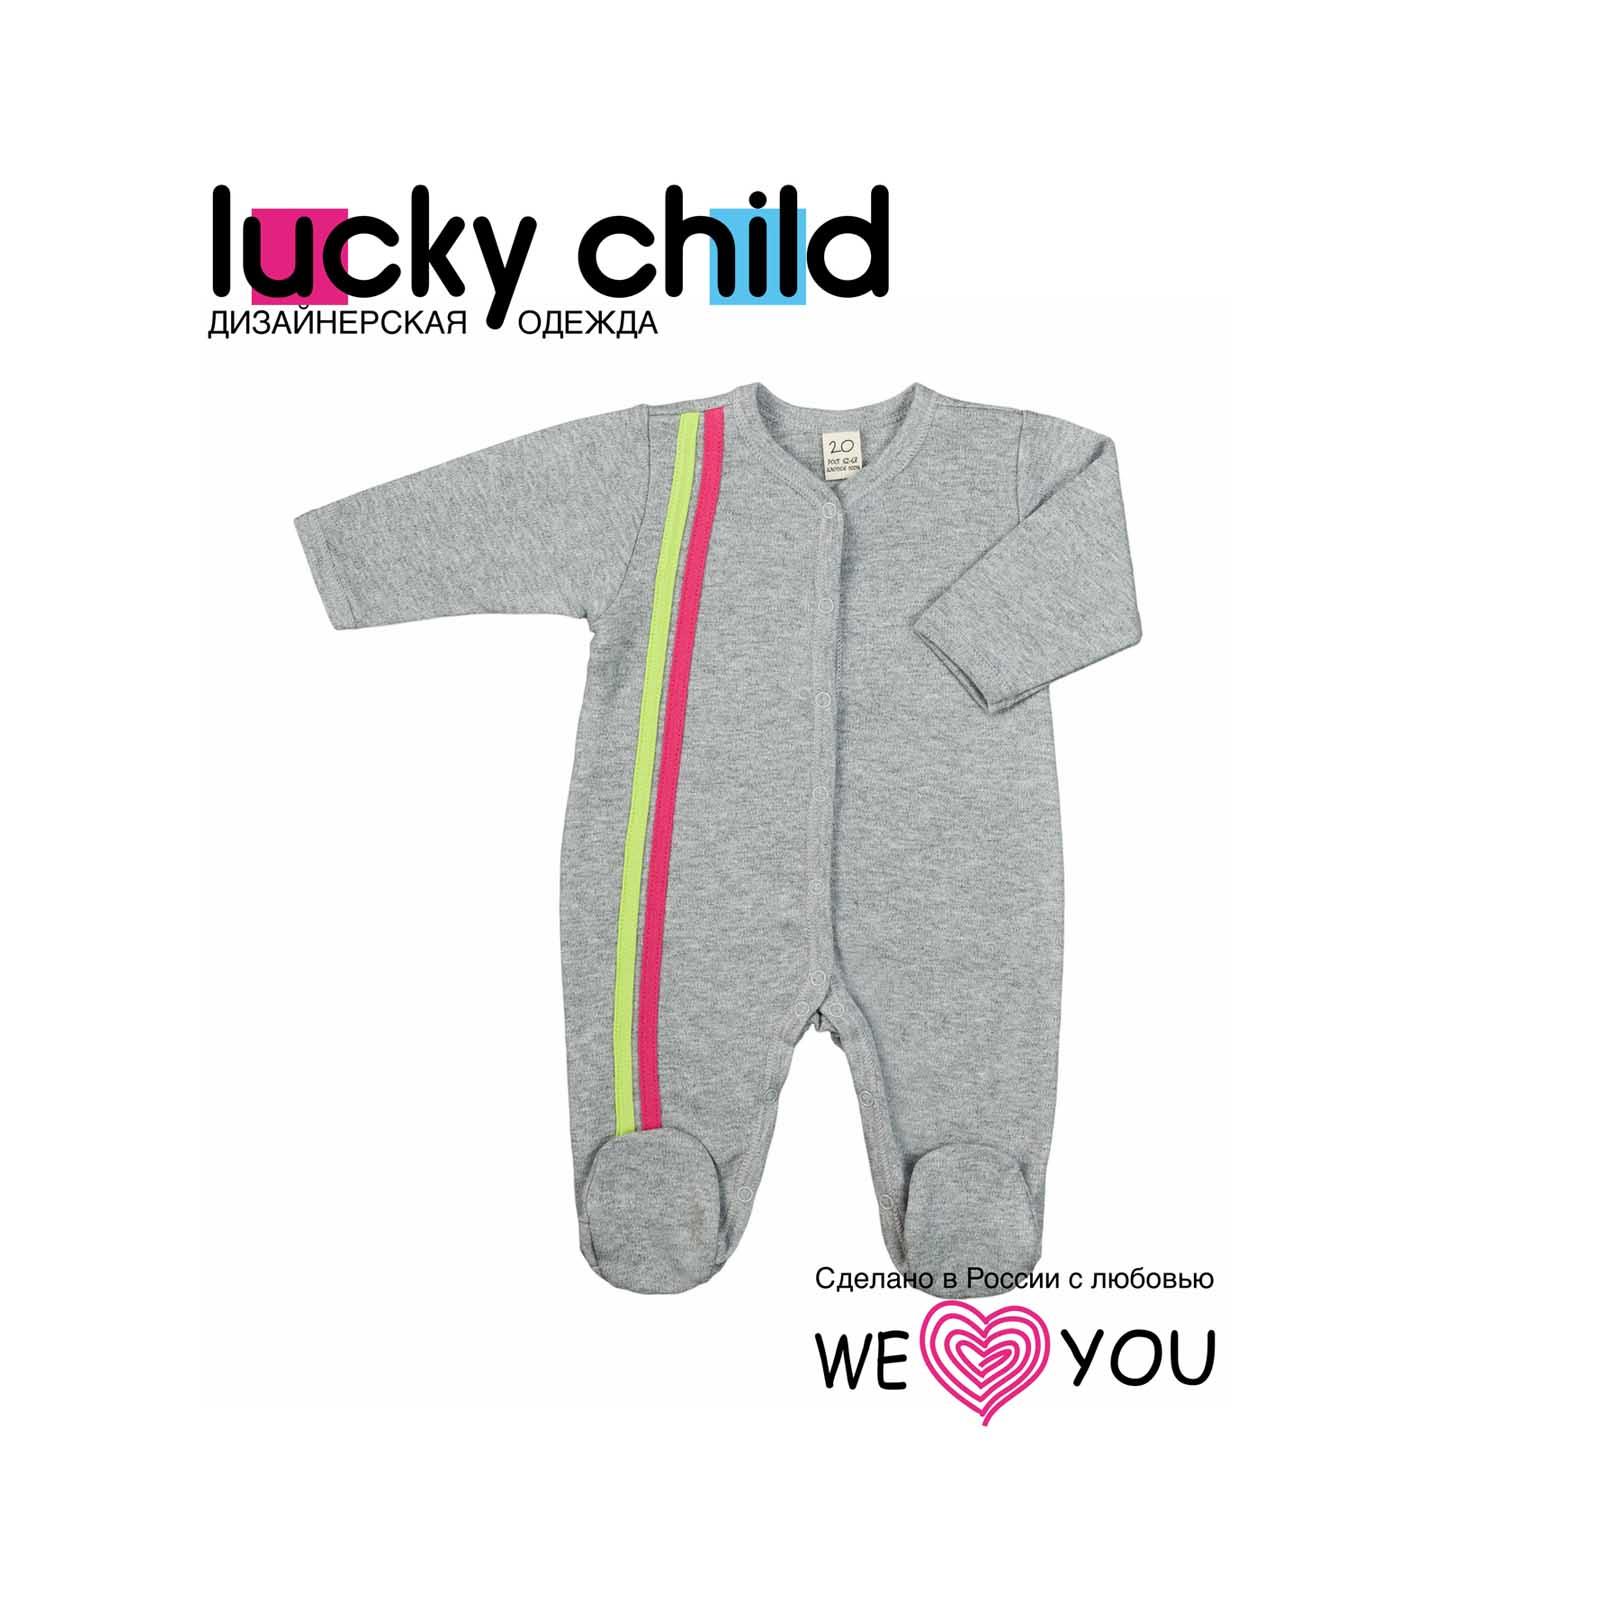 Комбинезон Lucky Child коллекция Спортивная линия, для девочки размер 50<br>